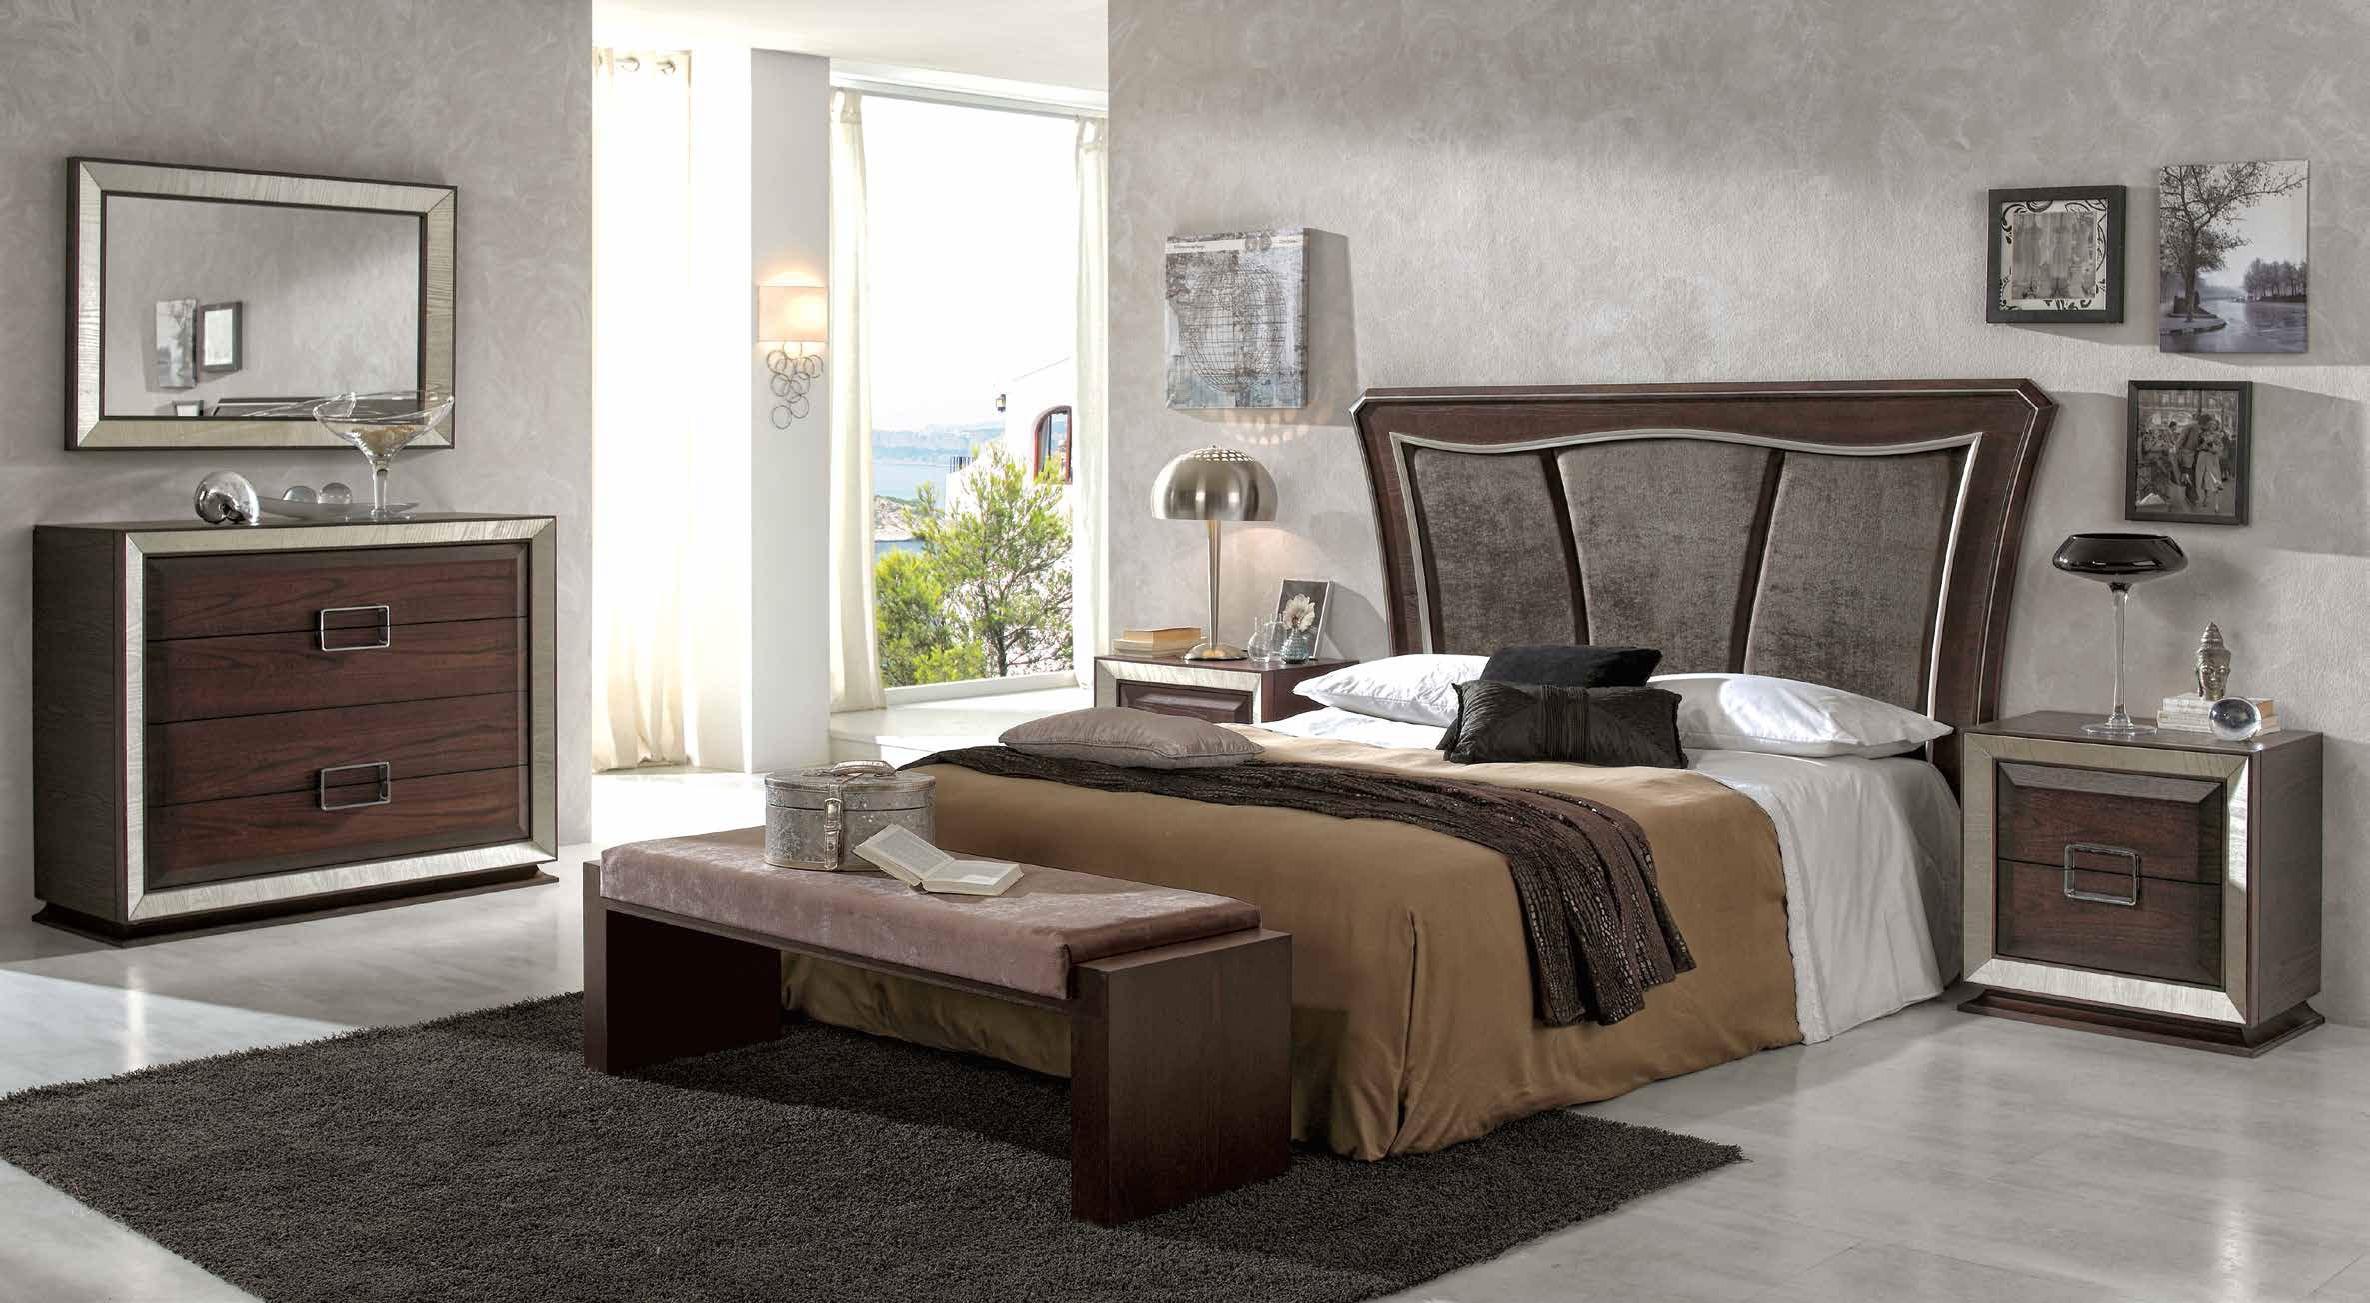 touch-dormitorio-sicilia-02